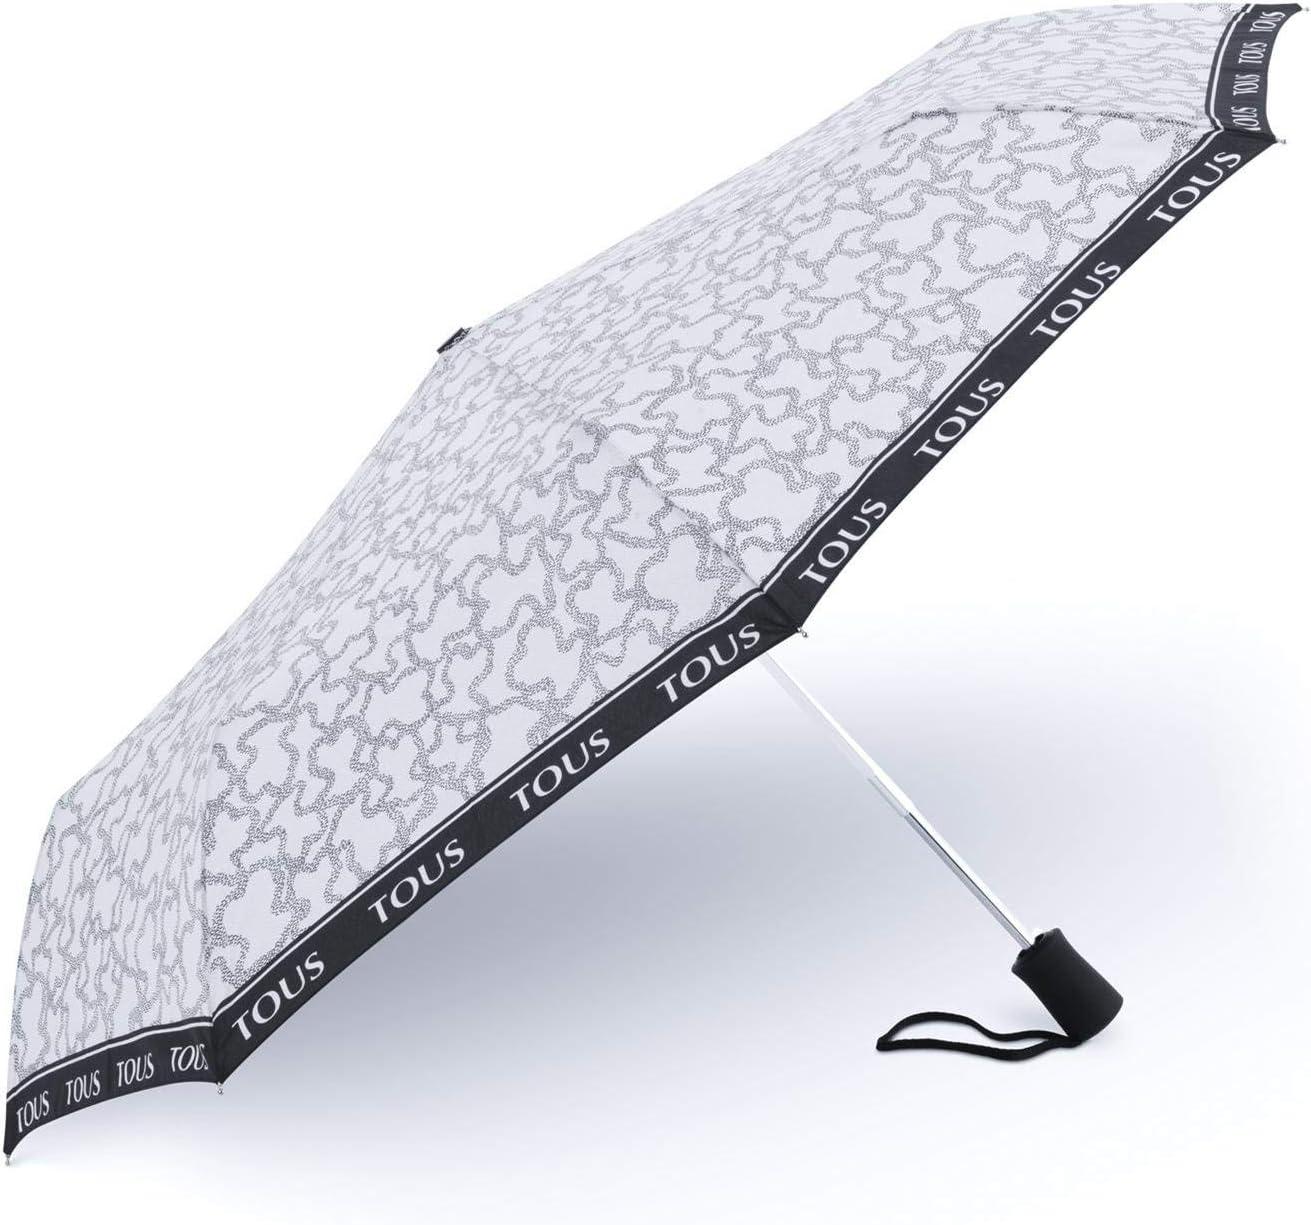 Paraguas plegable Kaos New en color arena-negro: Amazon.es: Equipaje